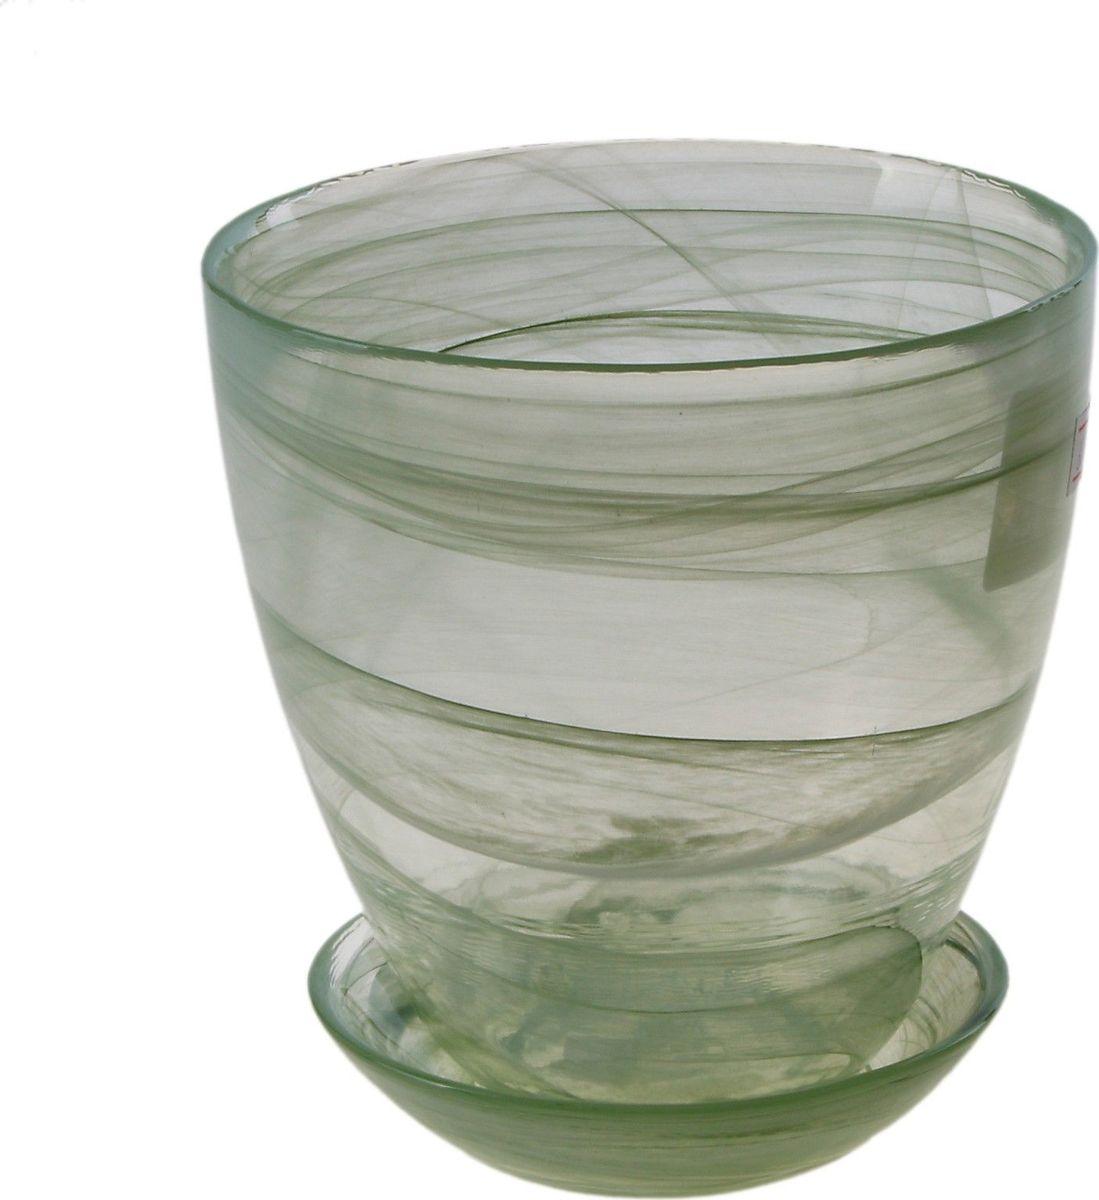 Кашпо NiNaGlass Гармония, с поддоном, цвет: зеленый, 0,7 л607667Комнатные растения — всеобщие любимцы. Они радуют глаз, насыщают помещение кислородом и украшают пространство. Каждому цветку необходим свой удобный и красивый дом. Из-за прозрачности стекла такие декоративные вазы для горшков пользуются большой популярностью для выращивания орхидей. #name# позаботится о зелёном питомце, освежит интерьер и подчеркнёт его стиль!